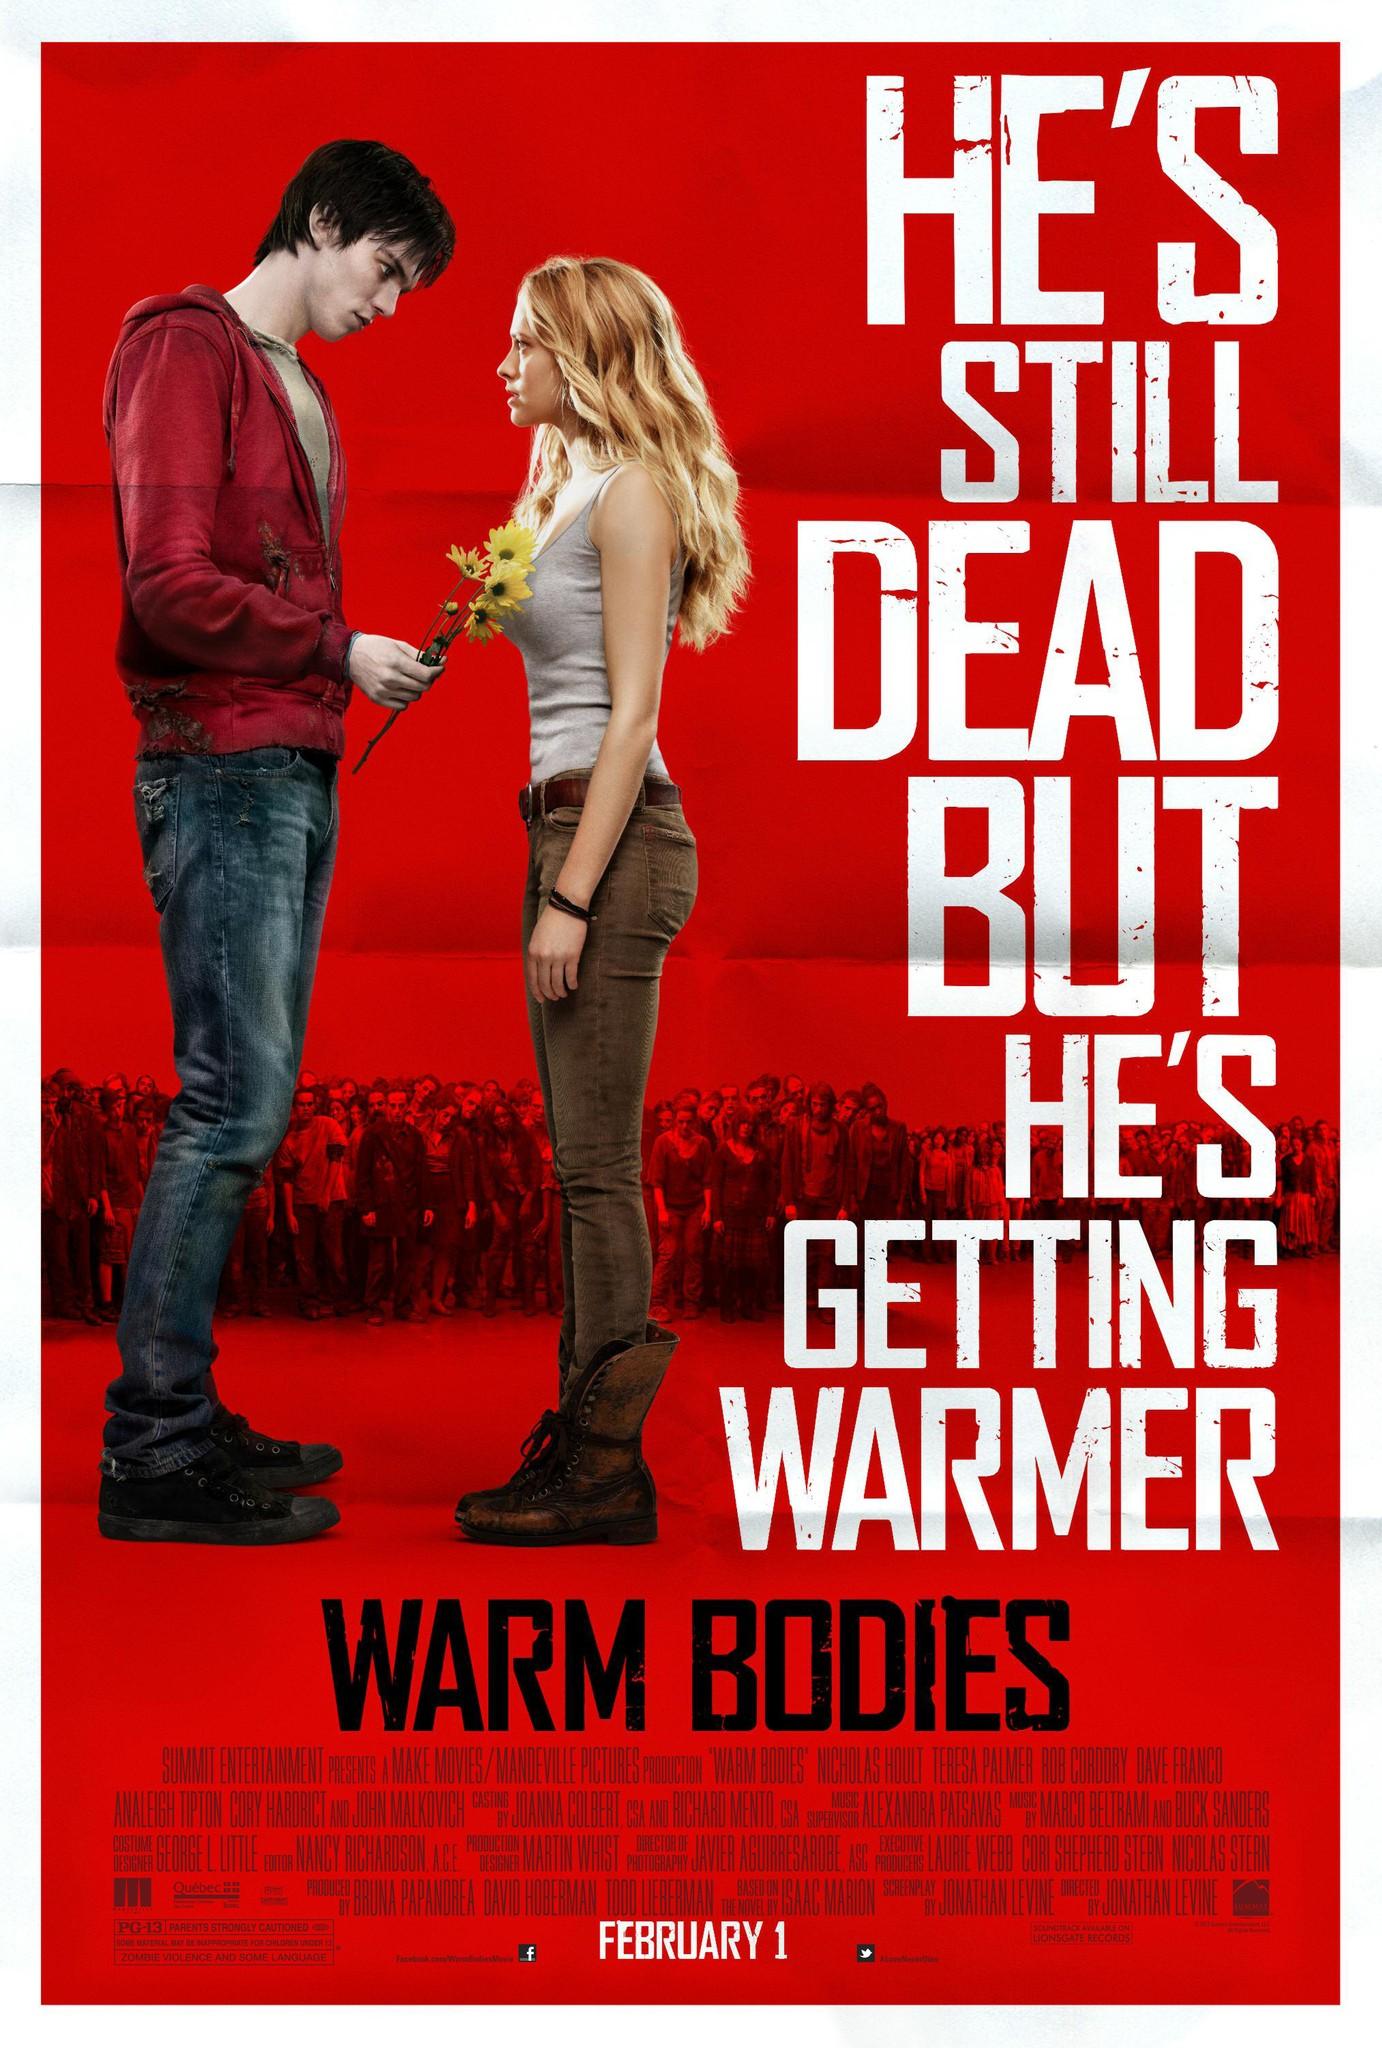 201 - Warm Bodies